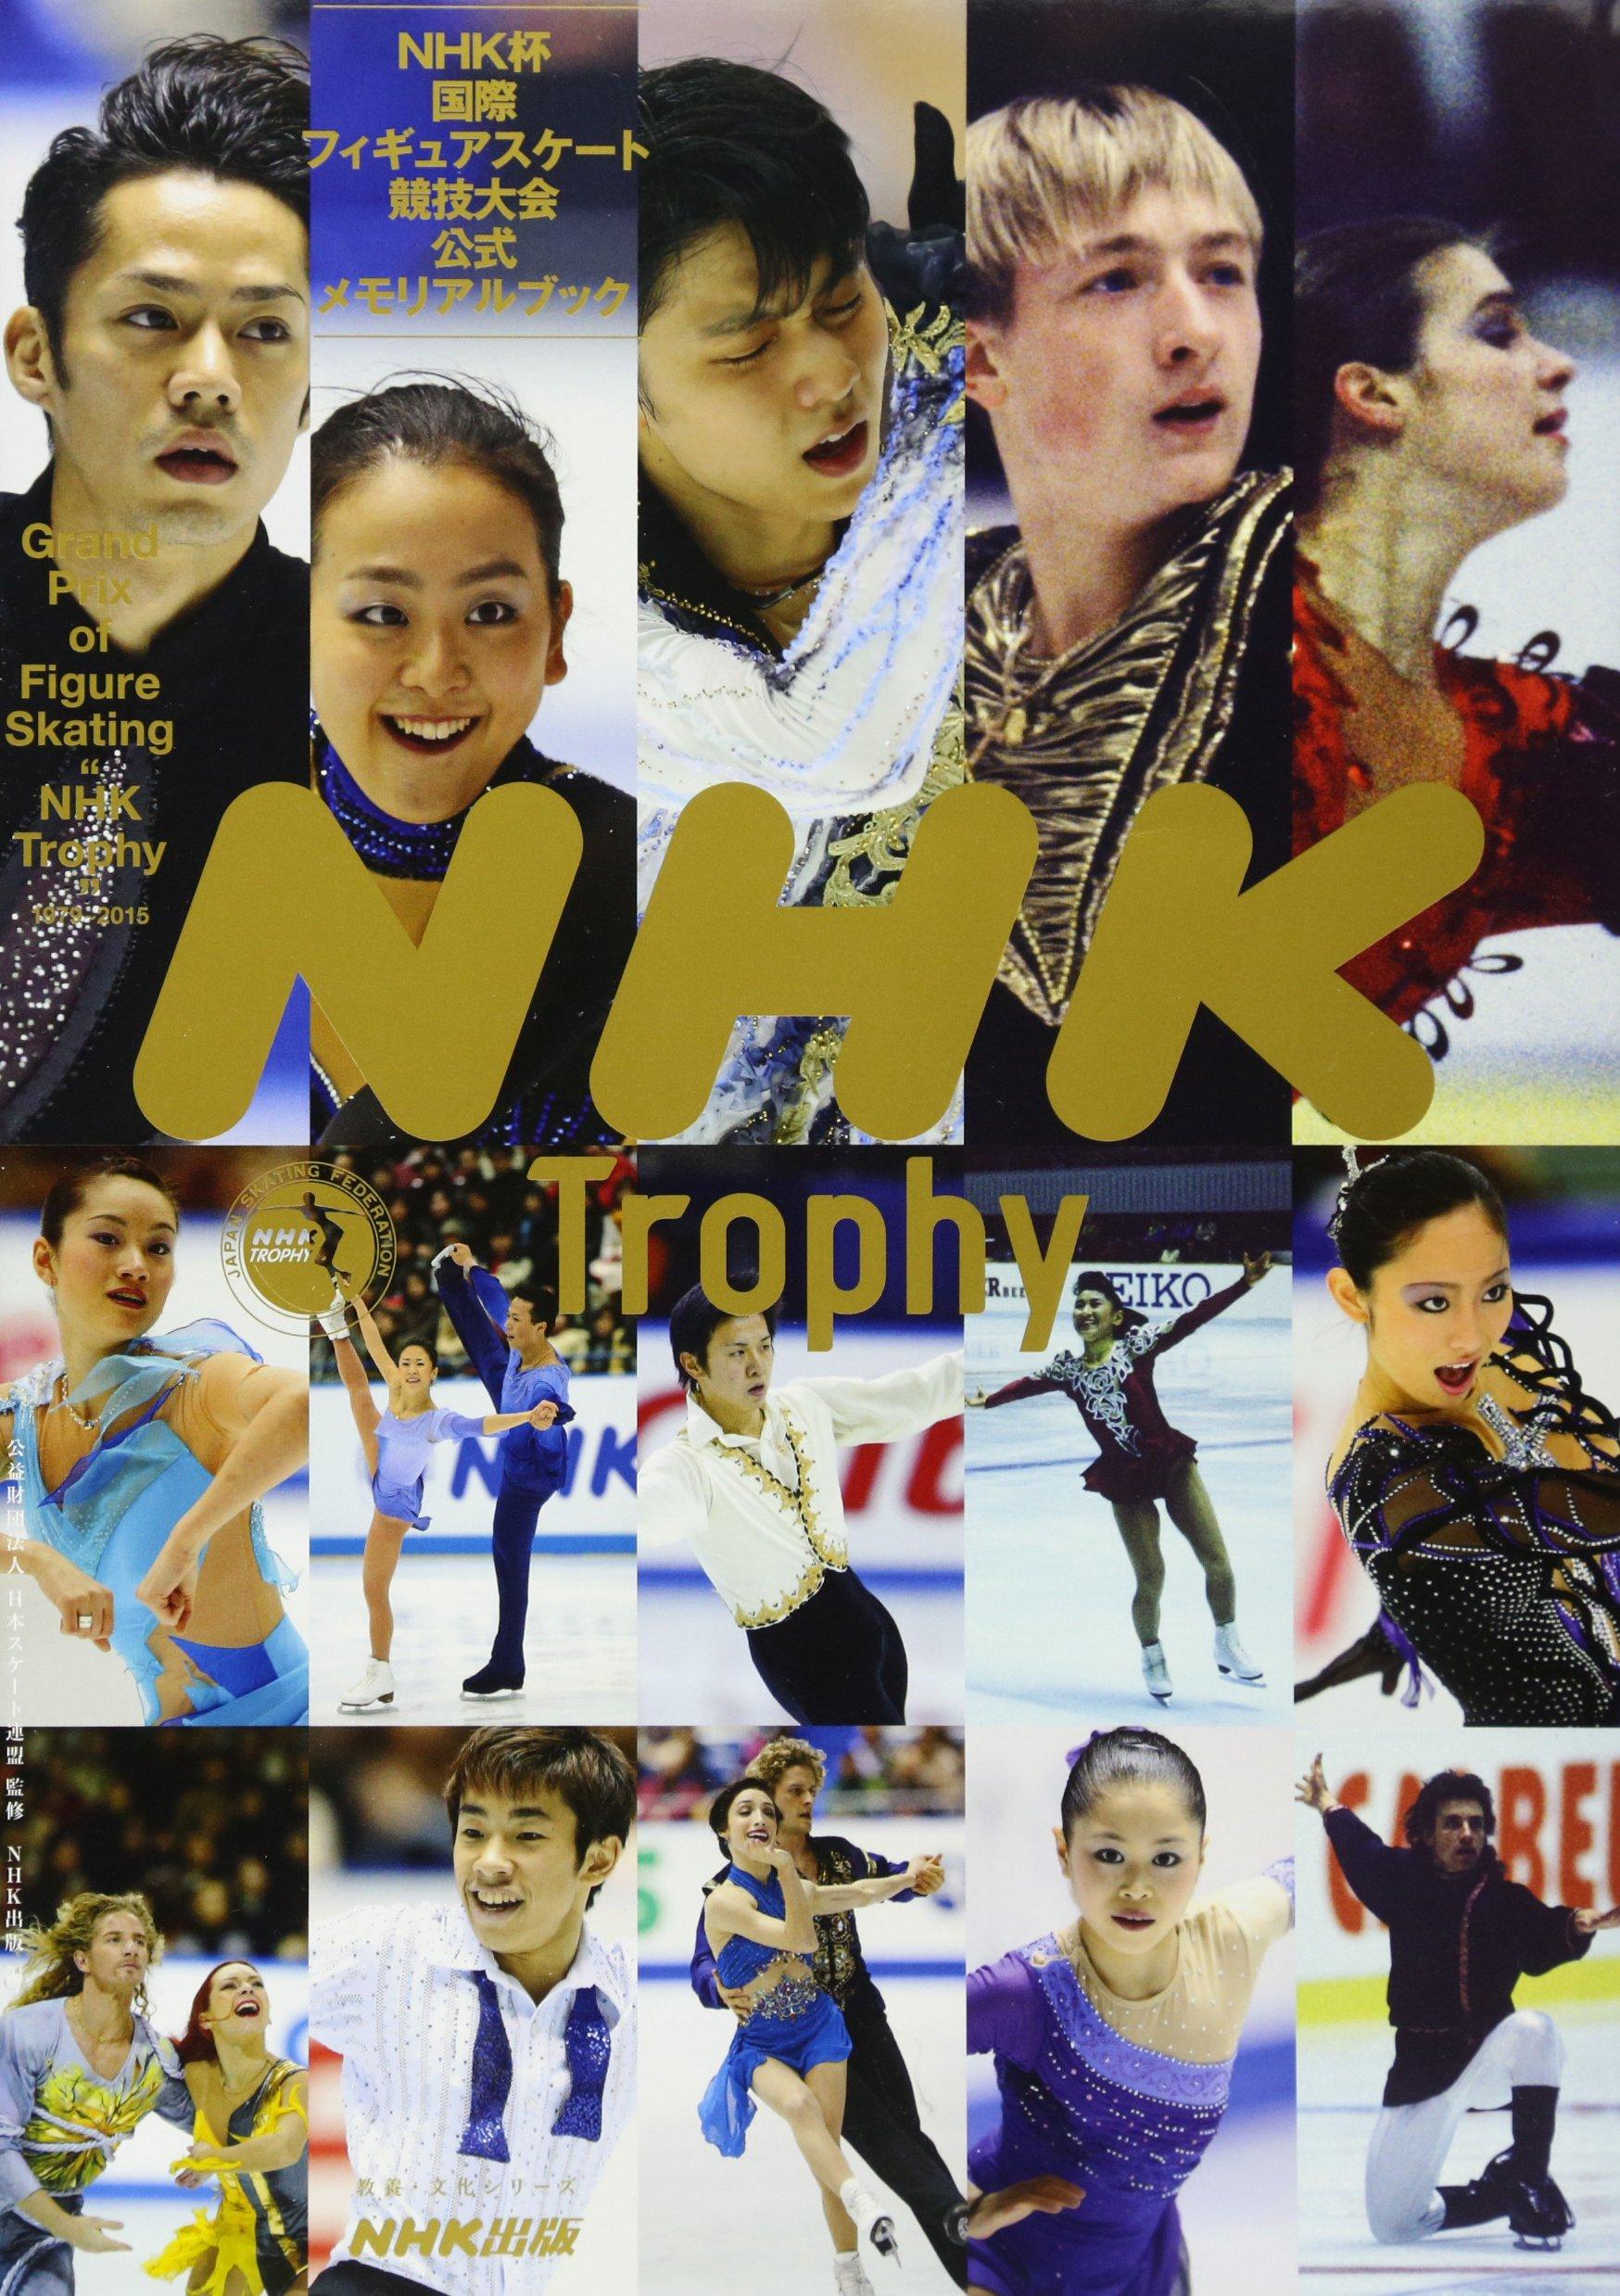 NHK杯国際フィギュアスケート競技大会 公式メモリアルブック (教養 ...